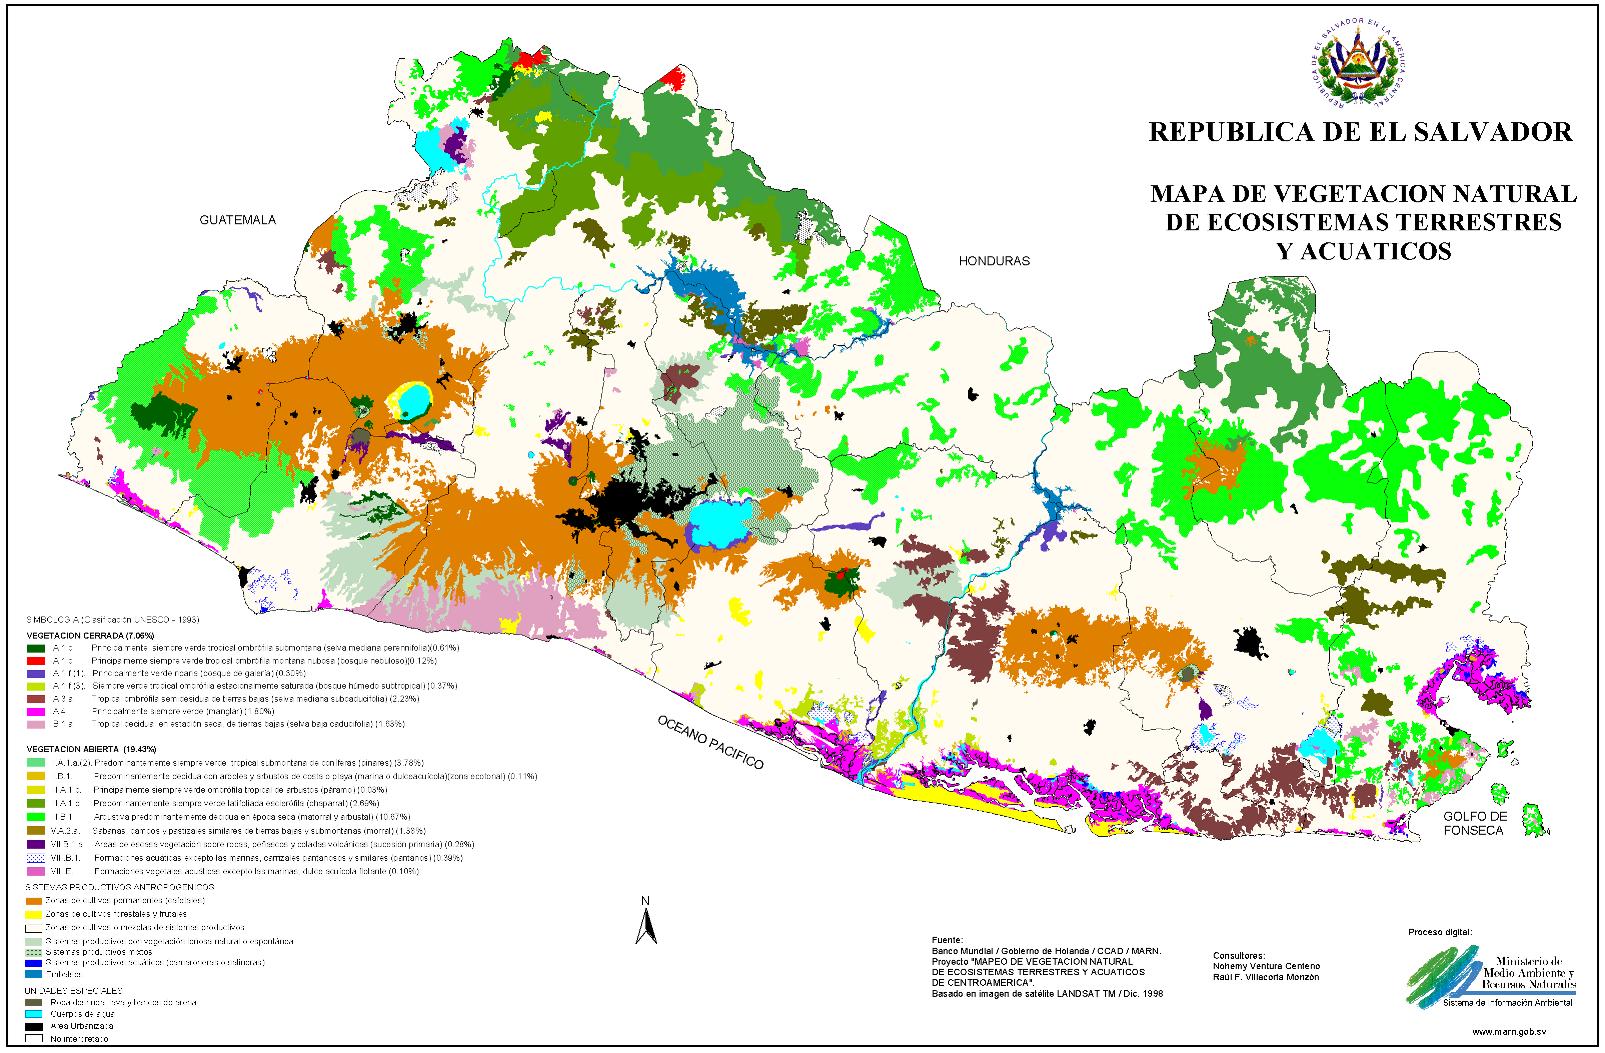 Mapa de vegetación en El Salvador